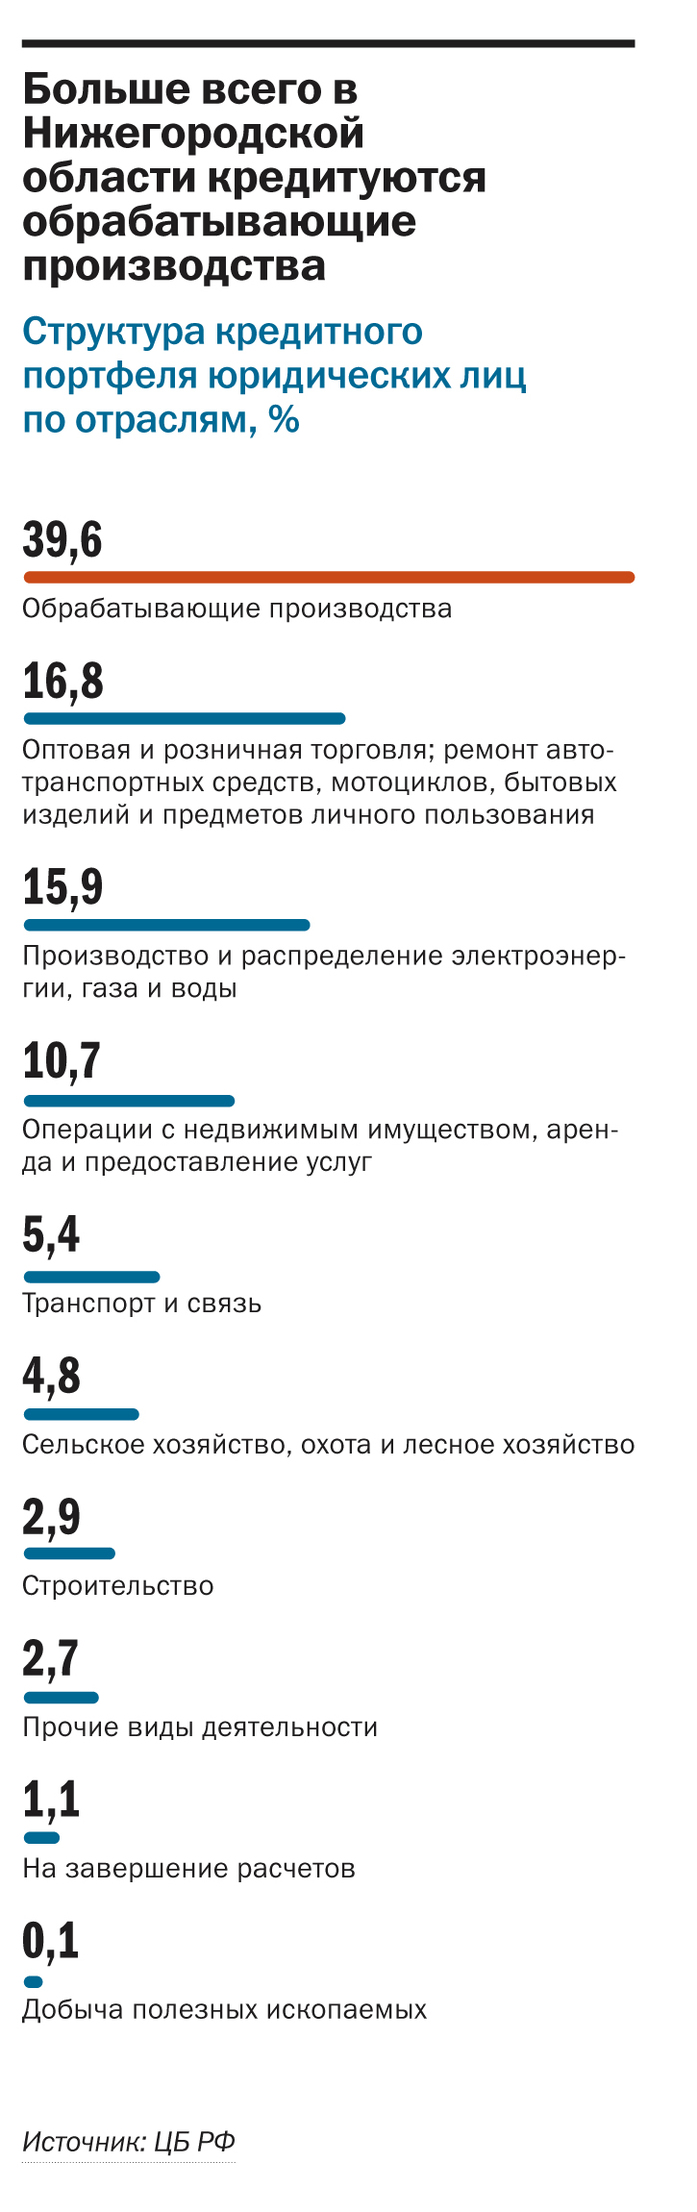 Рейтинг банков Нижнего Новгорода 5